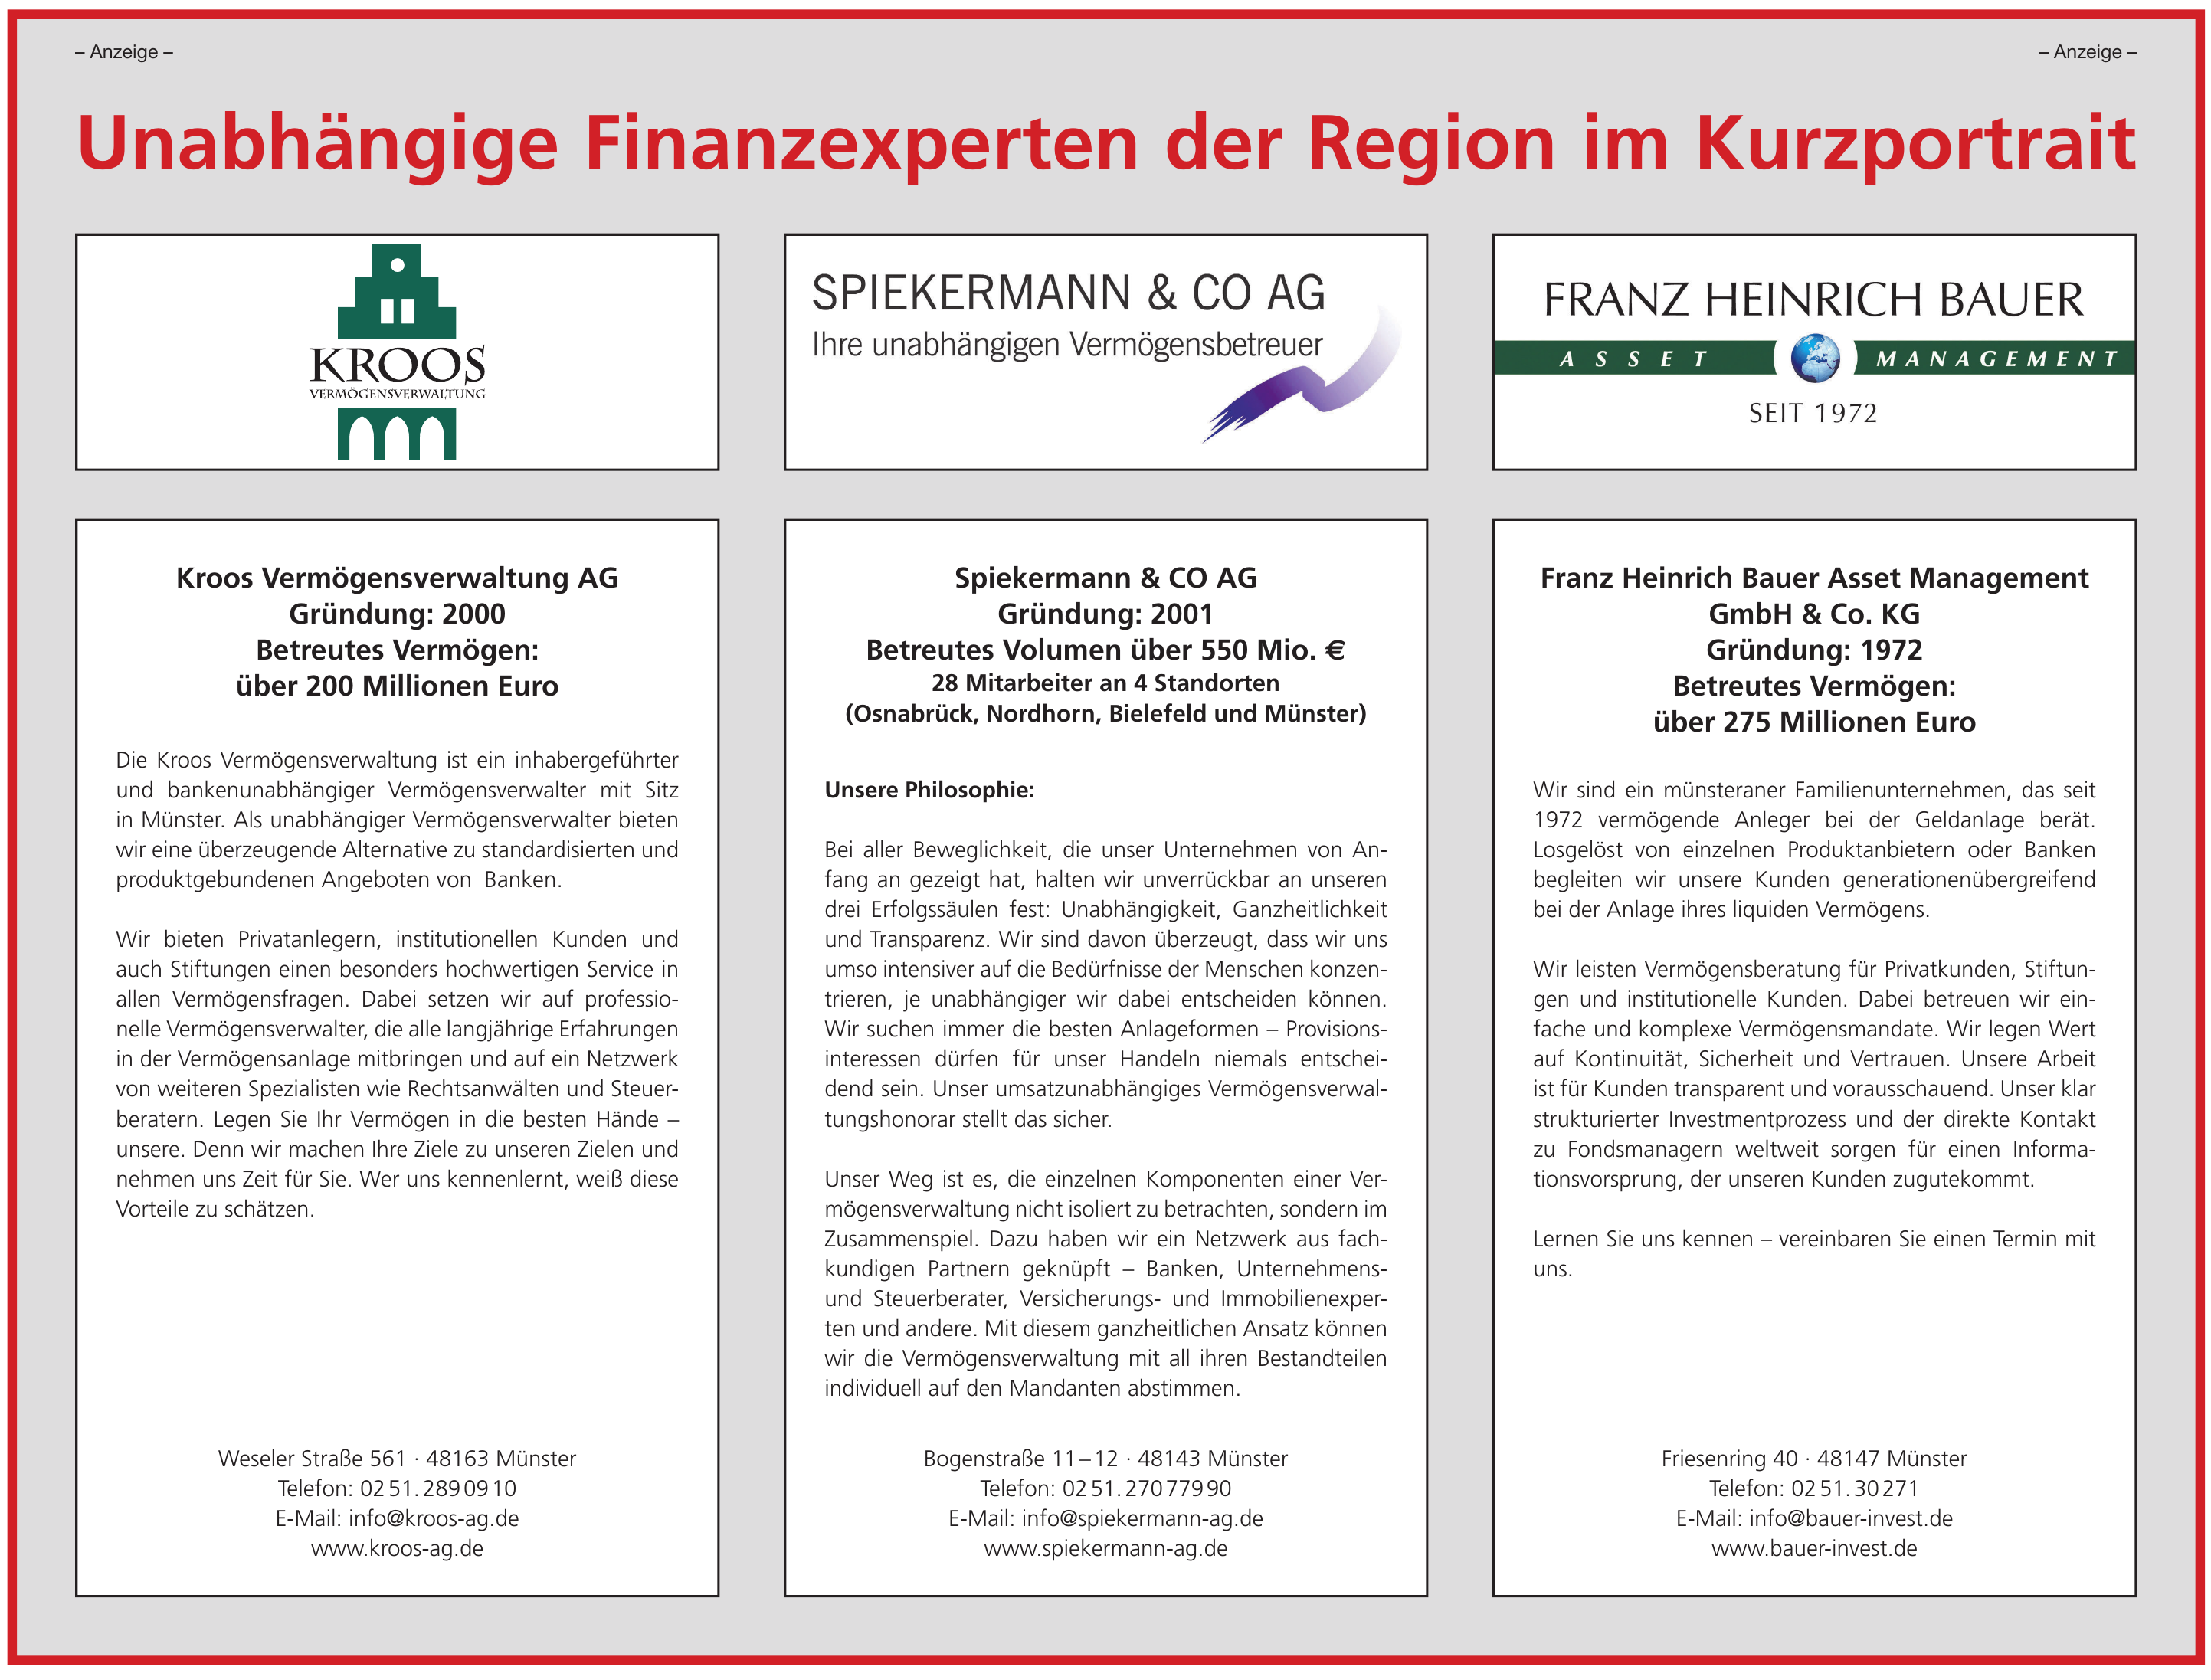 Unabhängige Finanzexperten der Region im Kurzportrait